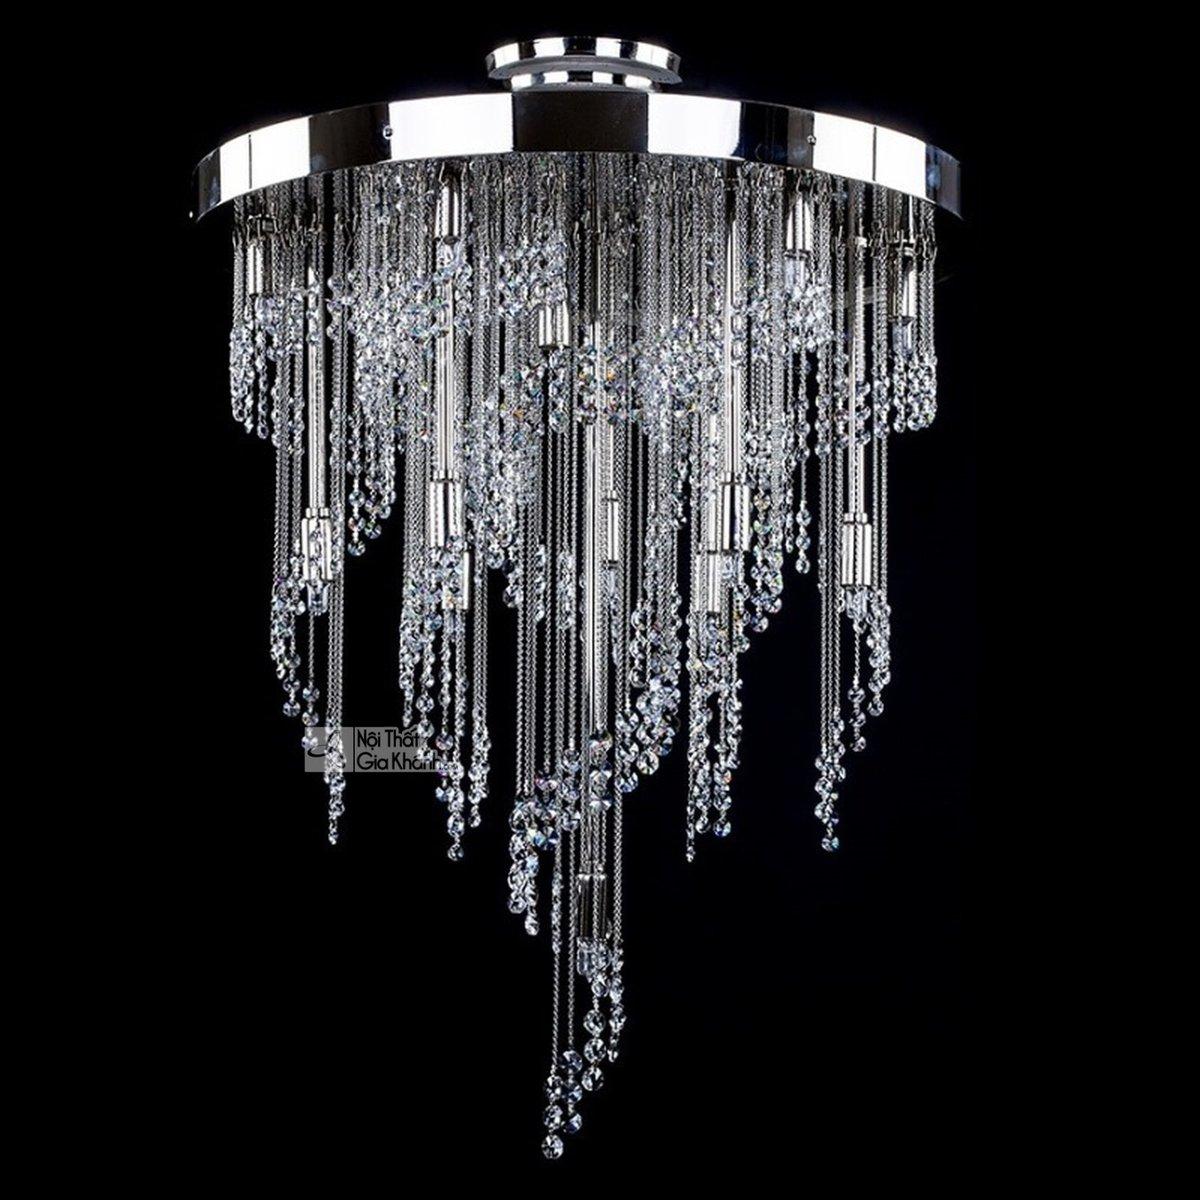 Mẫu đèn chùm pha lê cao cấp cho không gian thêm sang trọng - mau den pha le cao cap cho khong gian them sang trong